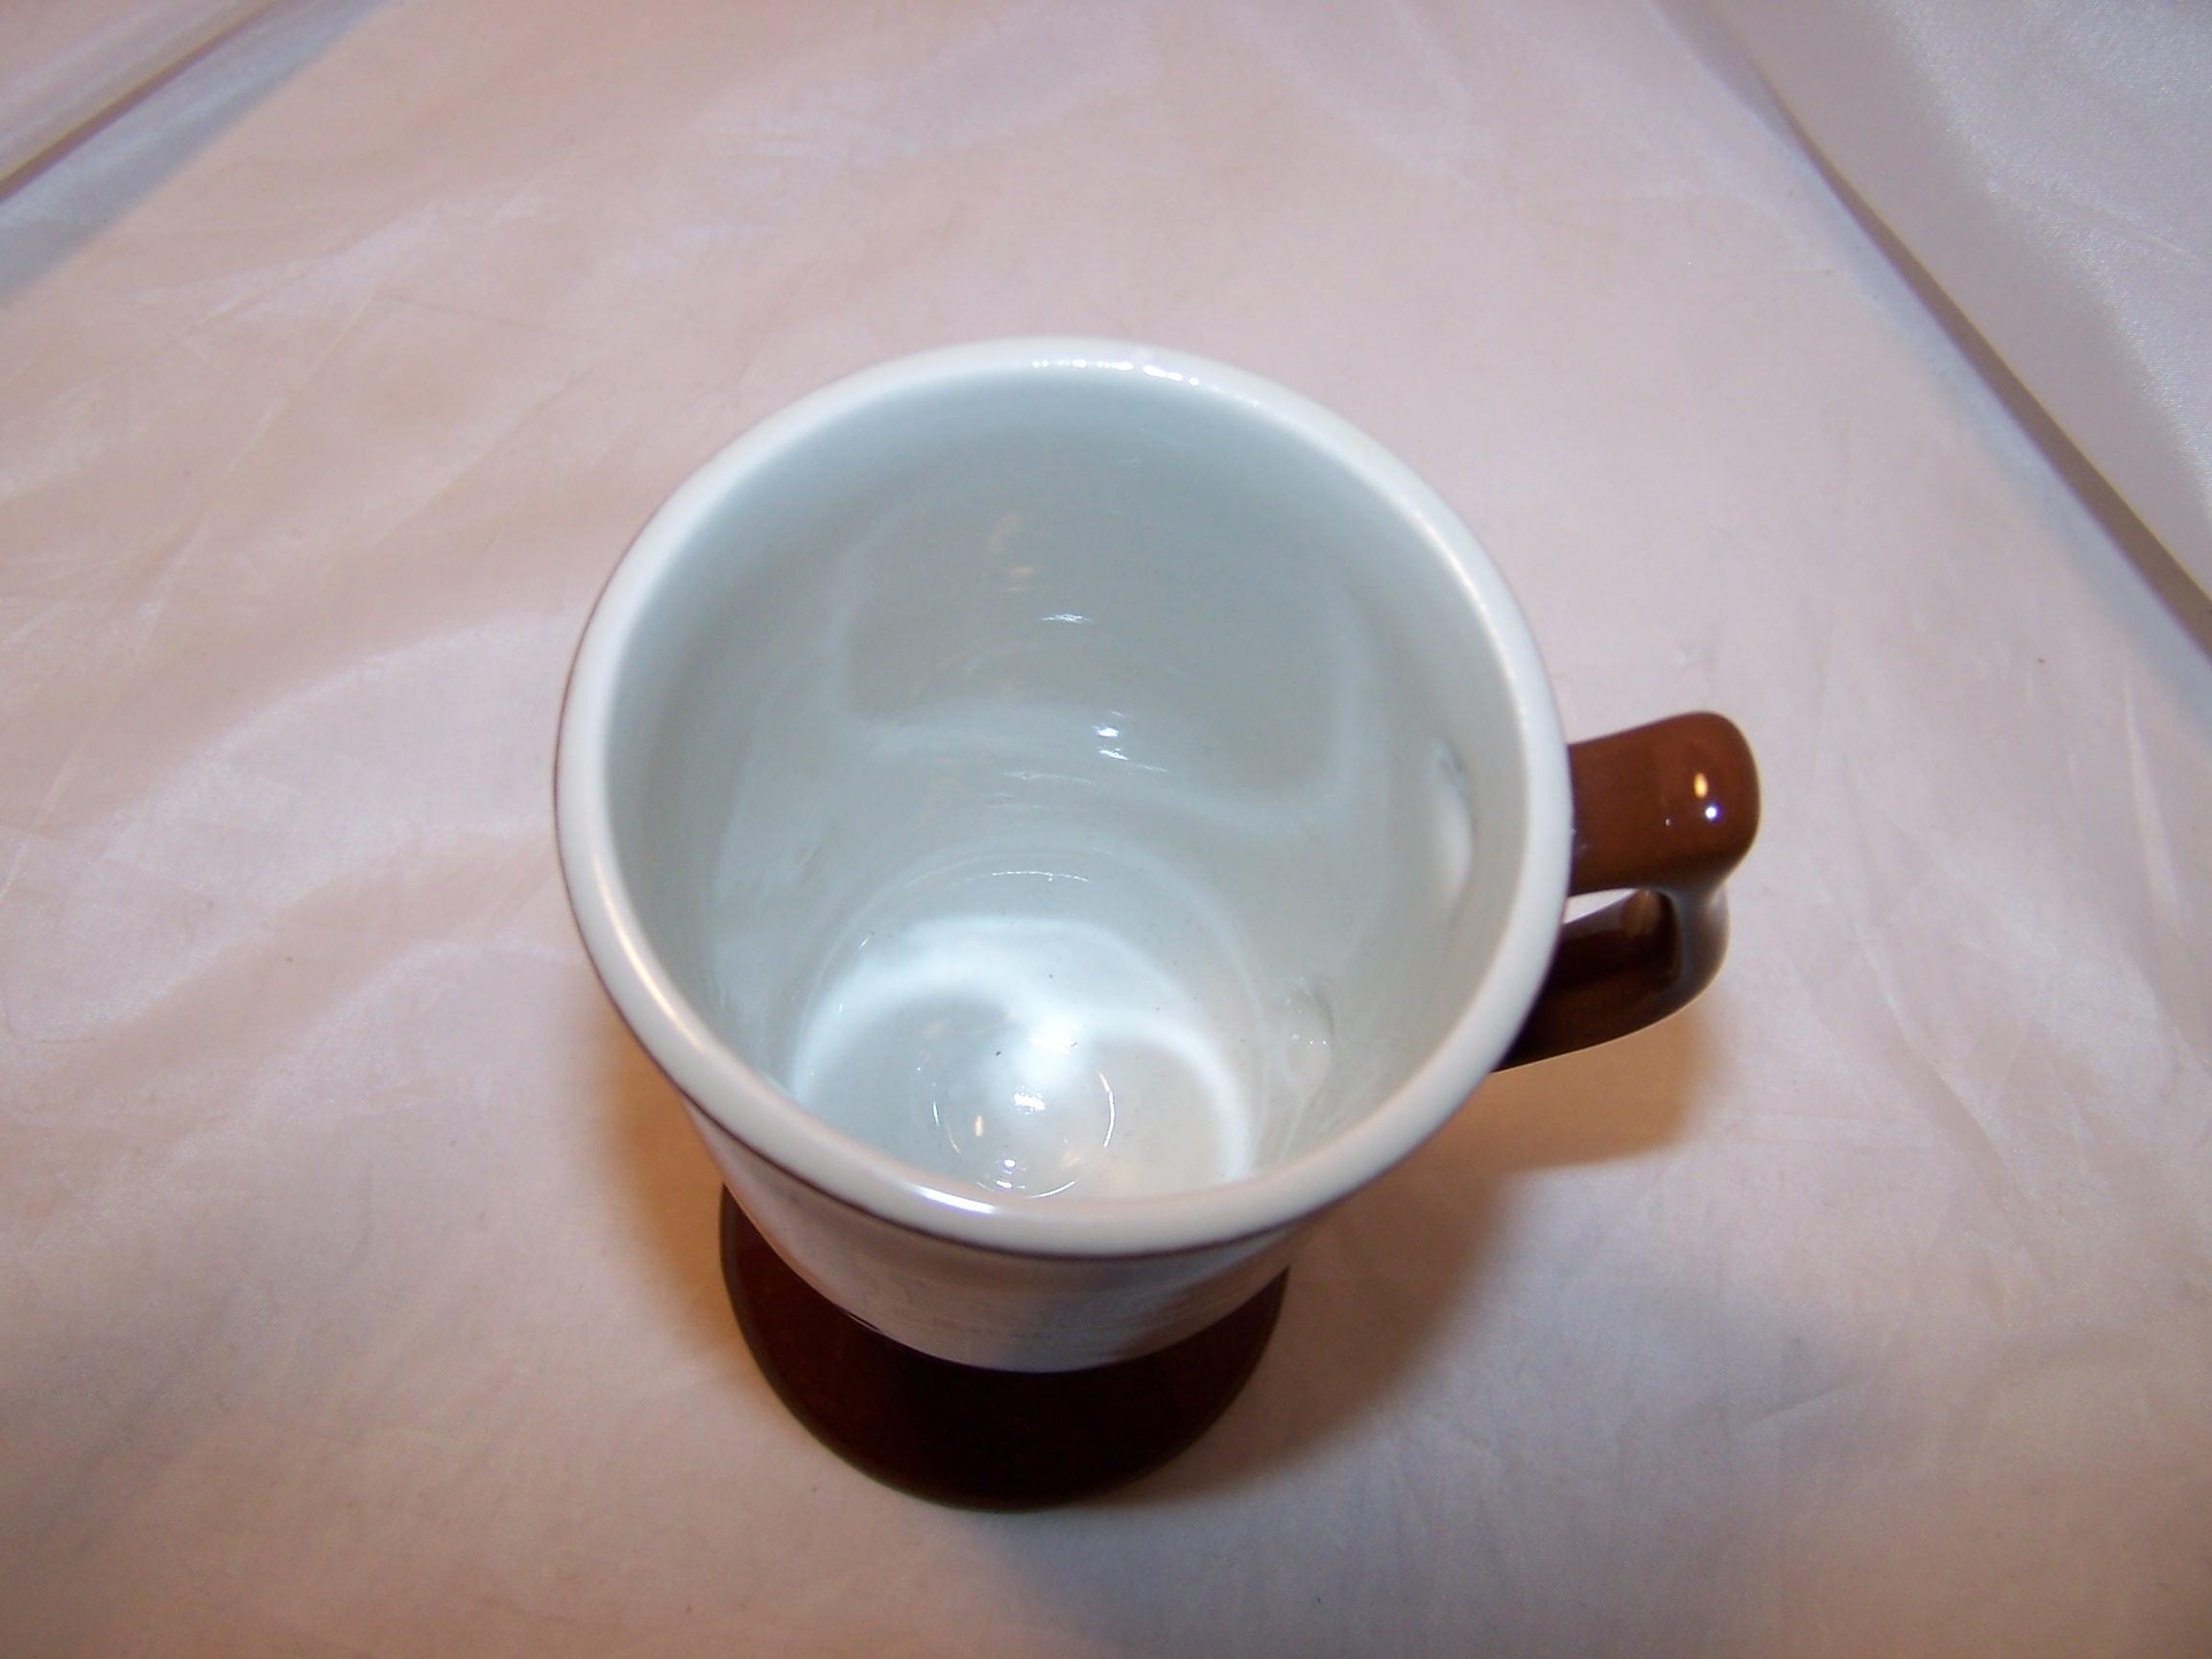 Image 4 of Art Modell Mug, The Pewter Mug